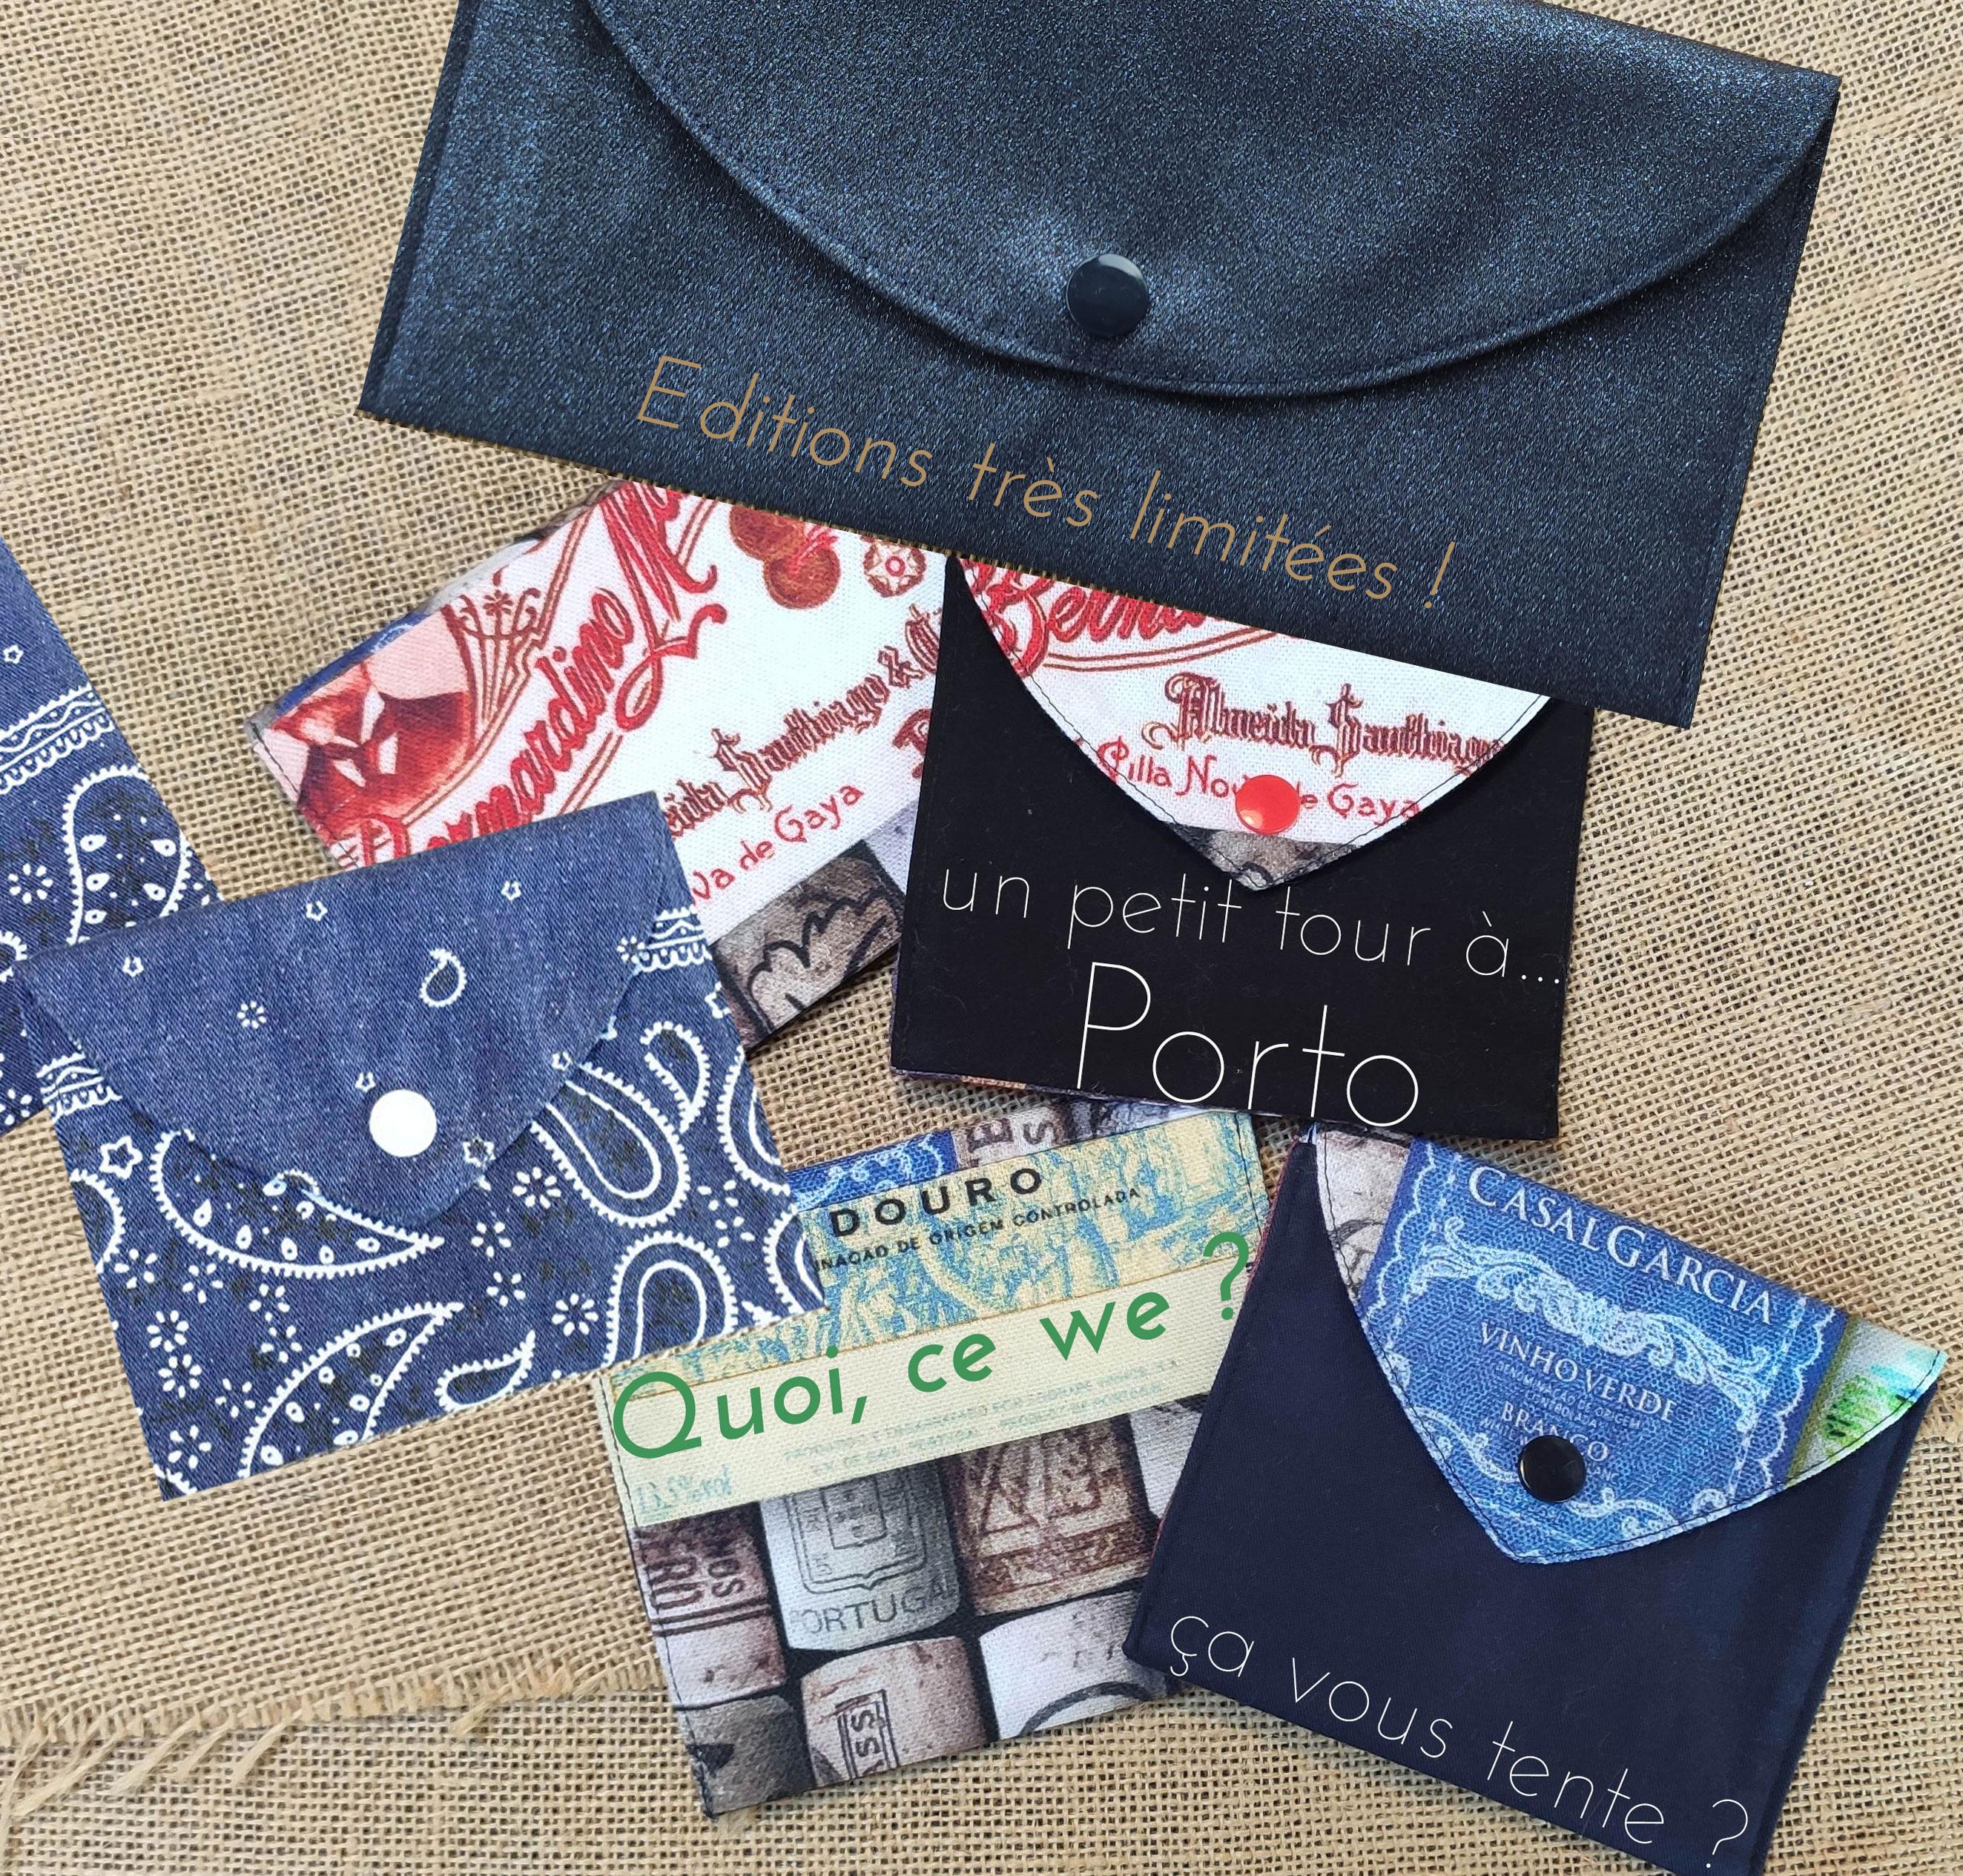 Pochettes pour masques en tissu en editions limitées par l'échoppe de Nine